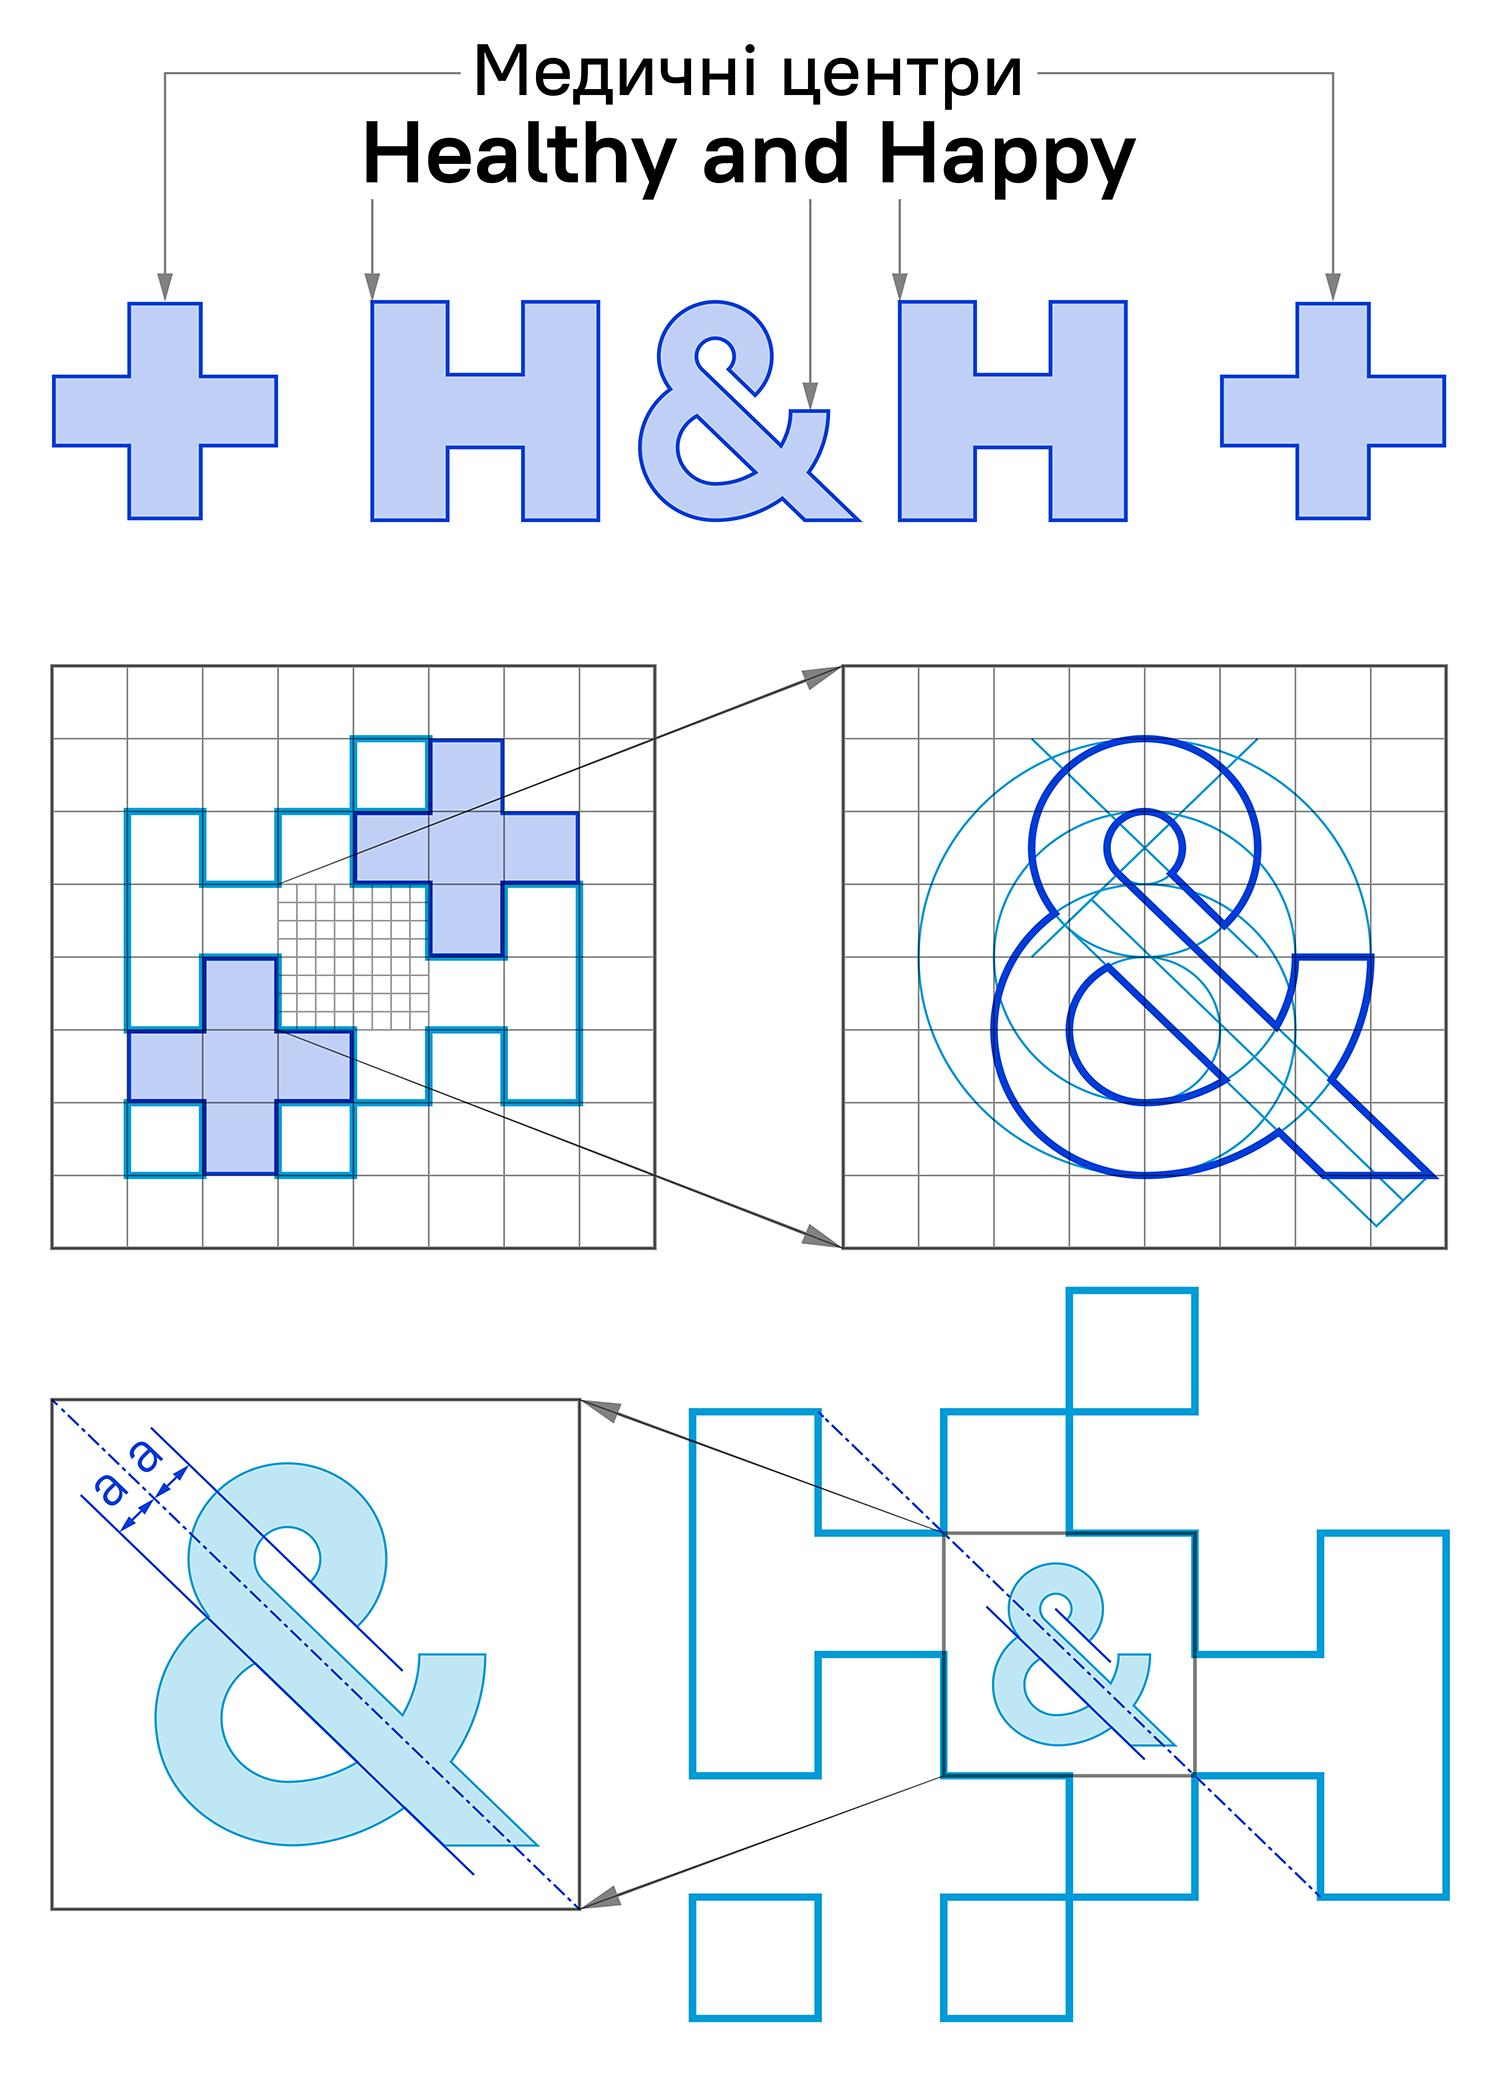 Ідея логотипа мережі медичних центрів Healthy and Happy (Хелсі енд Хепі). Побудова логотипа за модульною сіткою.